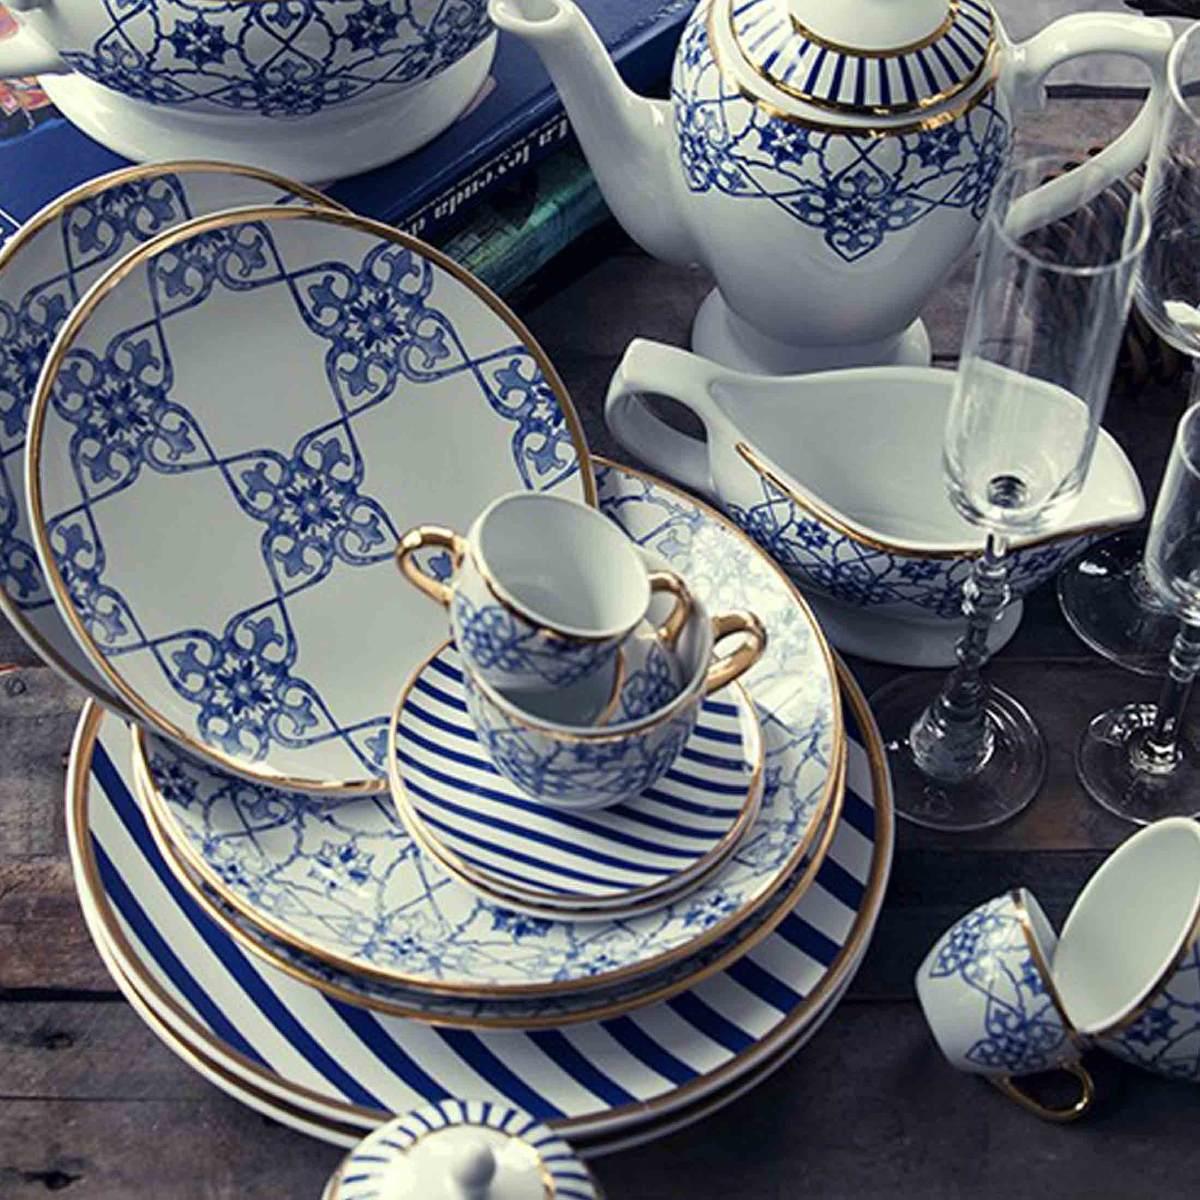 Aparelho De Jantar Lusitana Oxford Porcelana 42 Peças R 149990